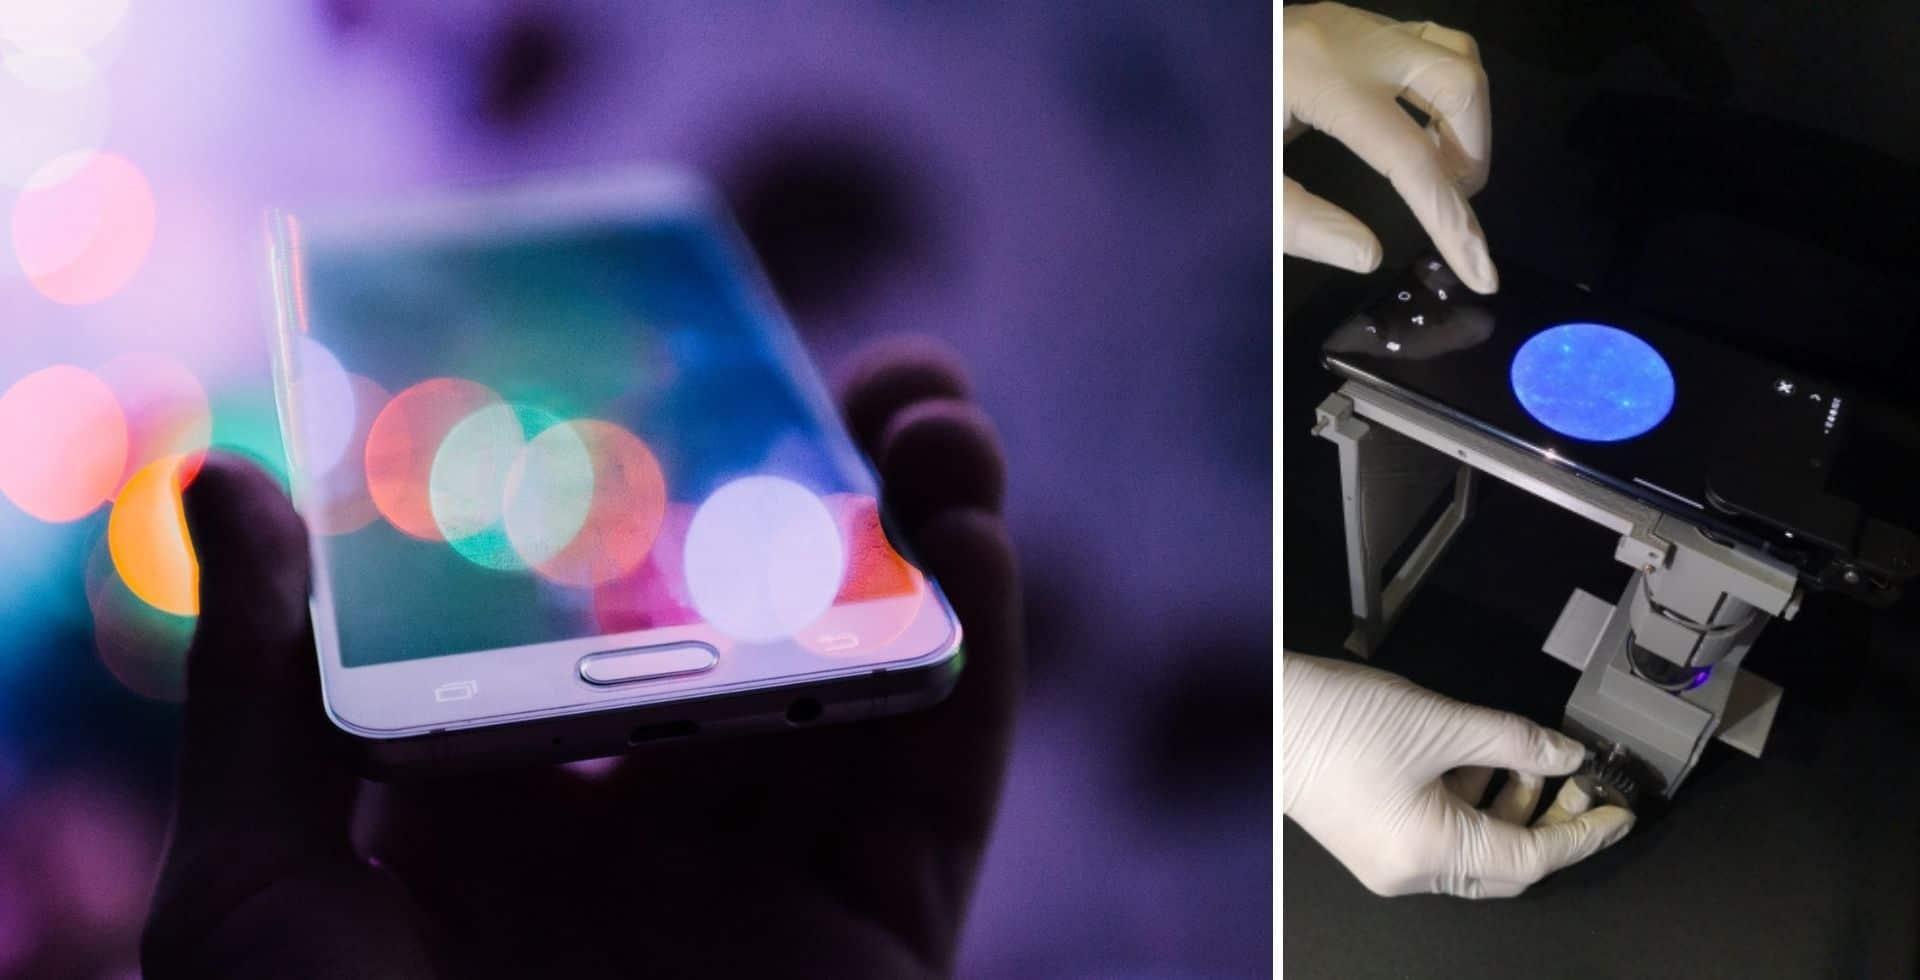 Un grupo de investigadores está desarrollando un test de COVID-19 basado en un teléfono inteligente